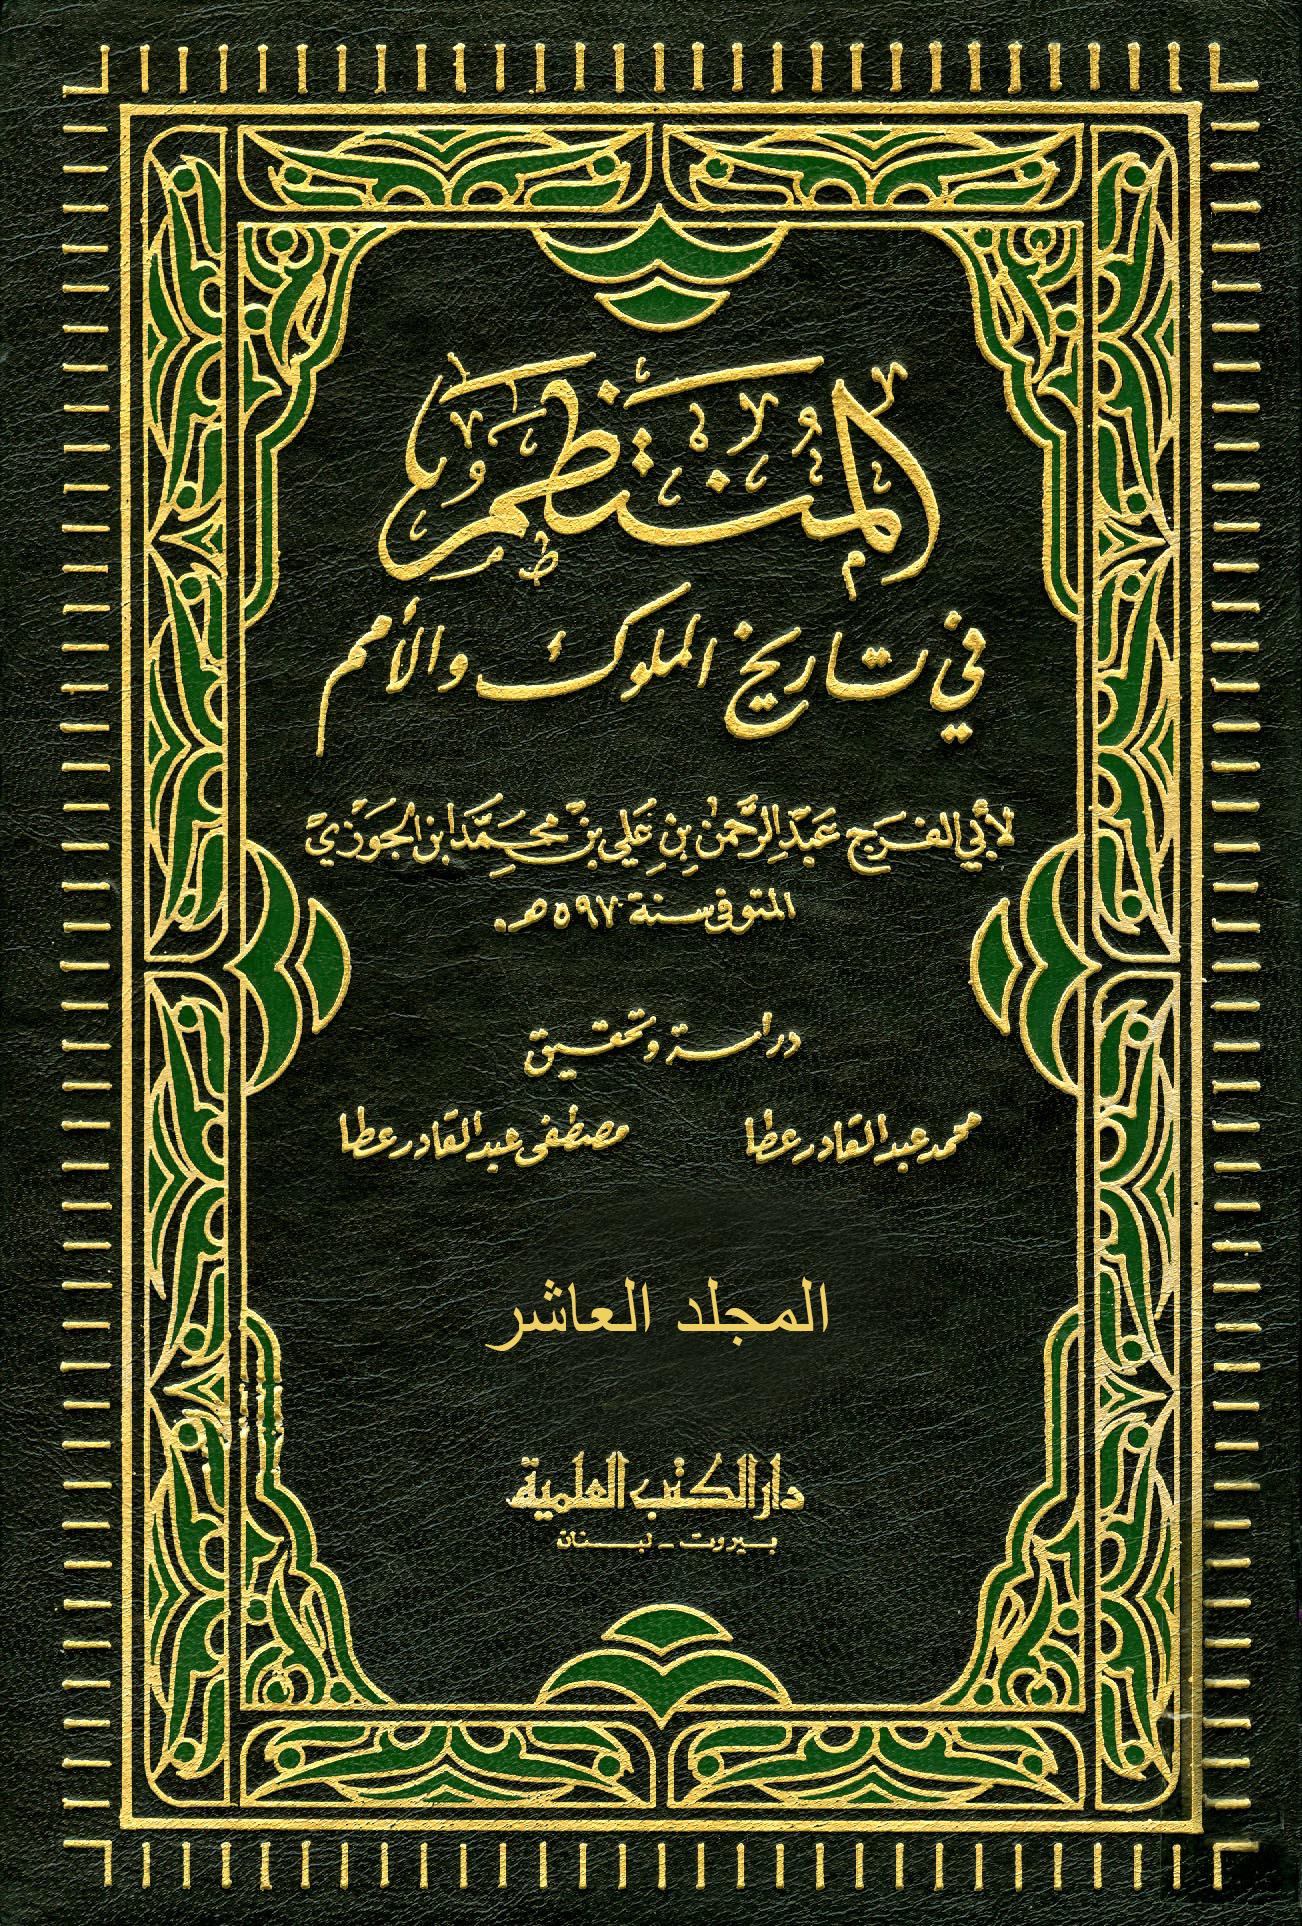 المنتظم في تاريخ الملوك والأمم - م 10 (194 هـ - 216 هـ)